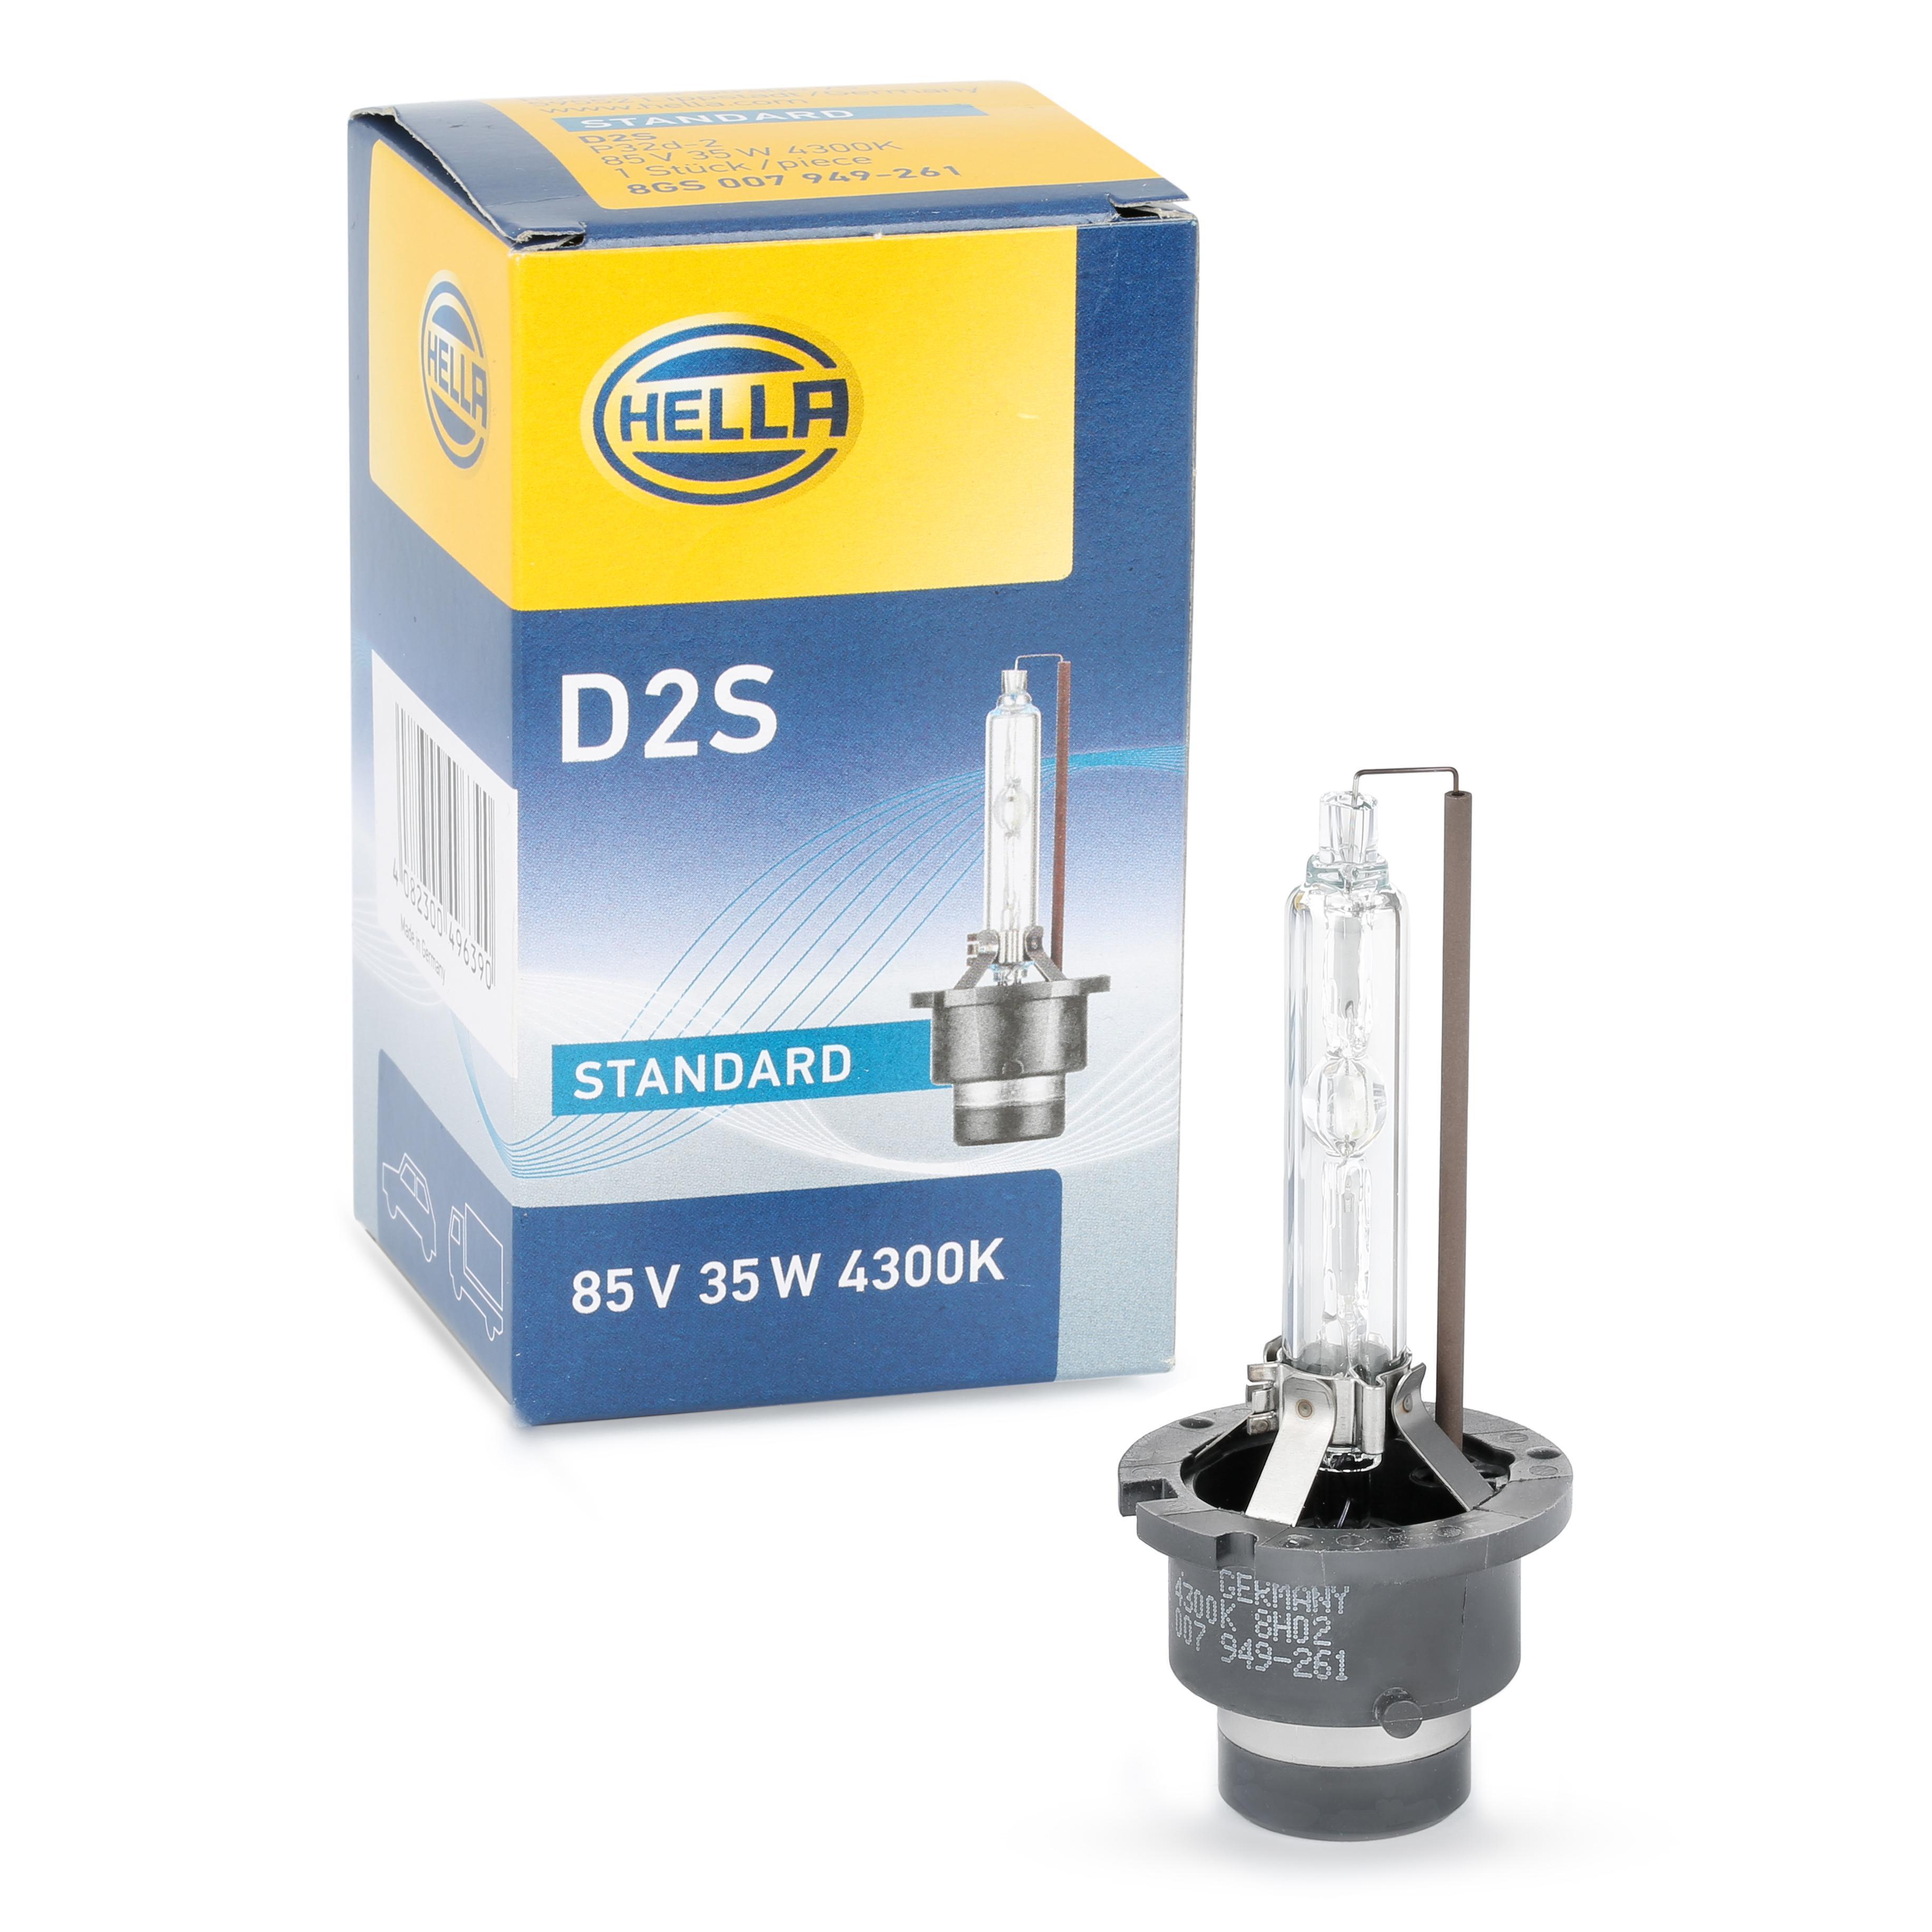 Autolampen 8GS 007 949-261 Günstig mit Garantie kaufen